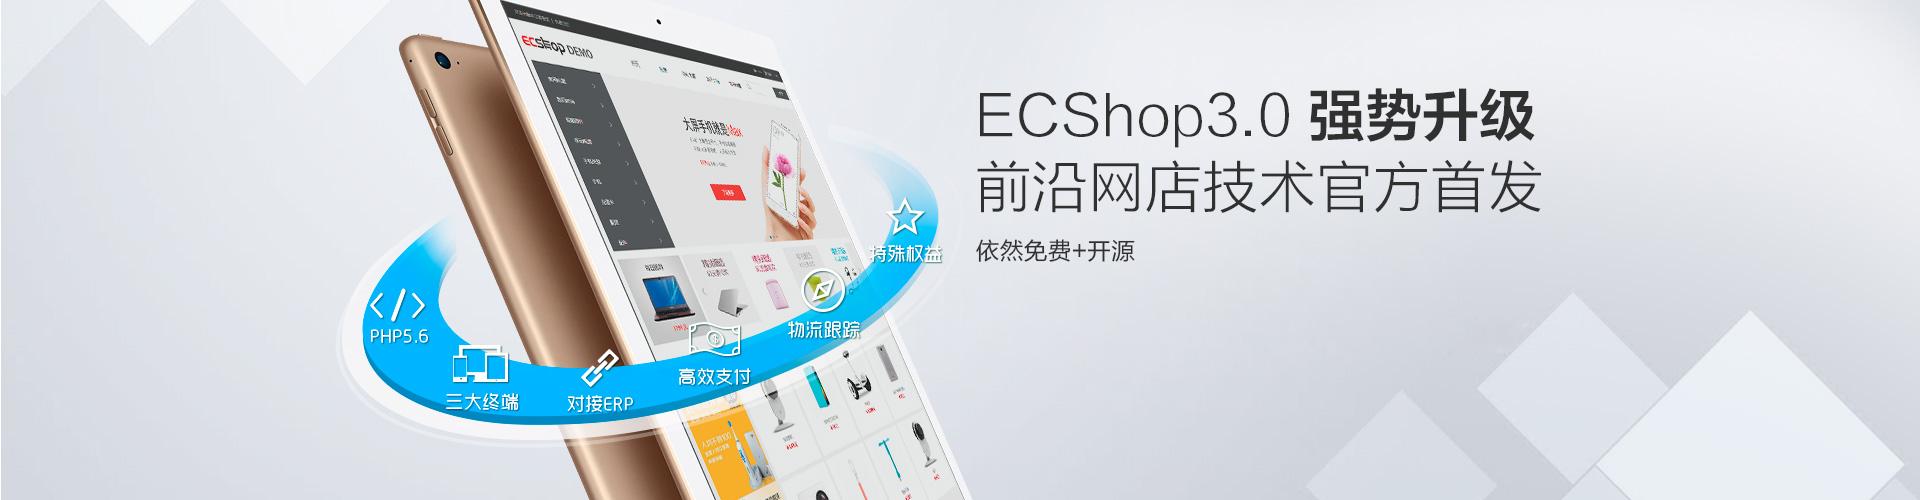 电商传奇ECSHOP3正式发布牛掰十年的ECShop3.0回归作为